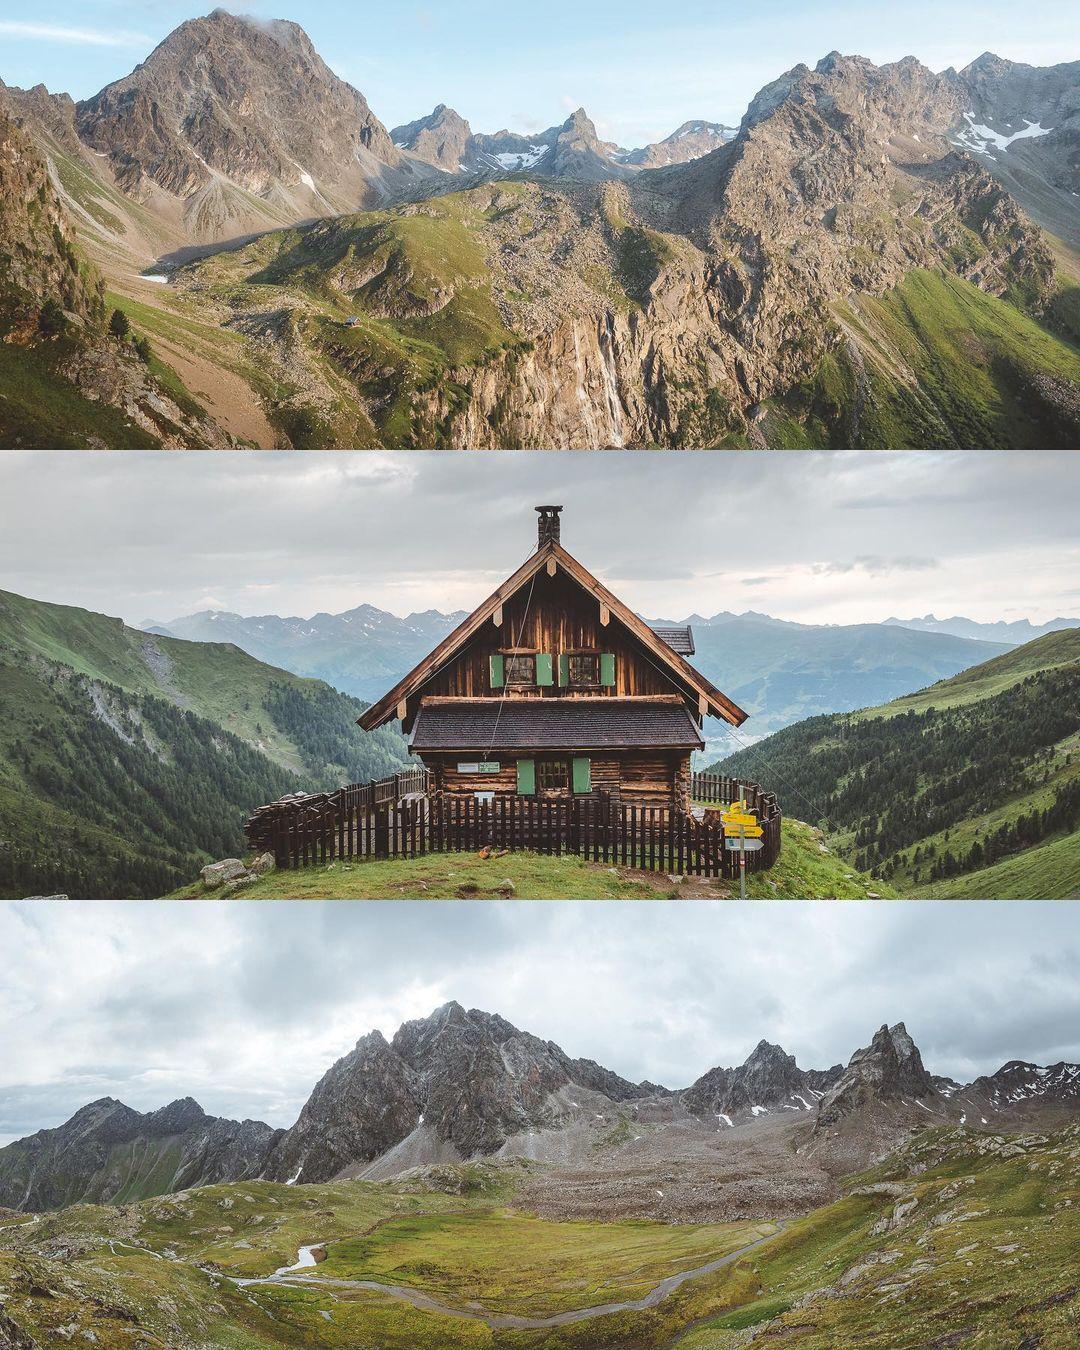 Путешествия и приключения на снимках Романа Хубера